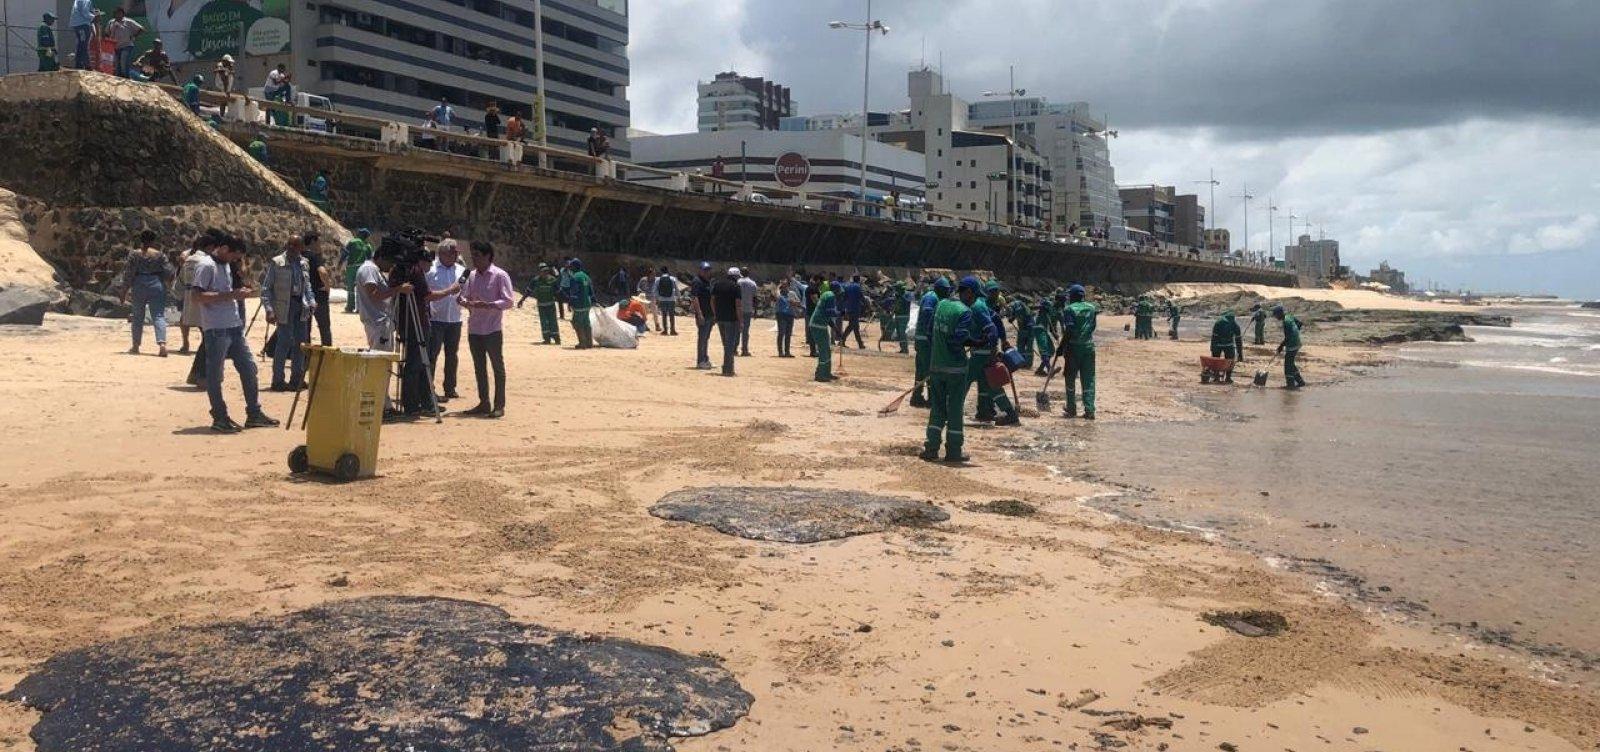 Prefeitura faz mutirão para limpar óleo na orla da Pituba